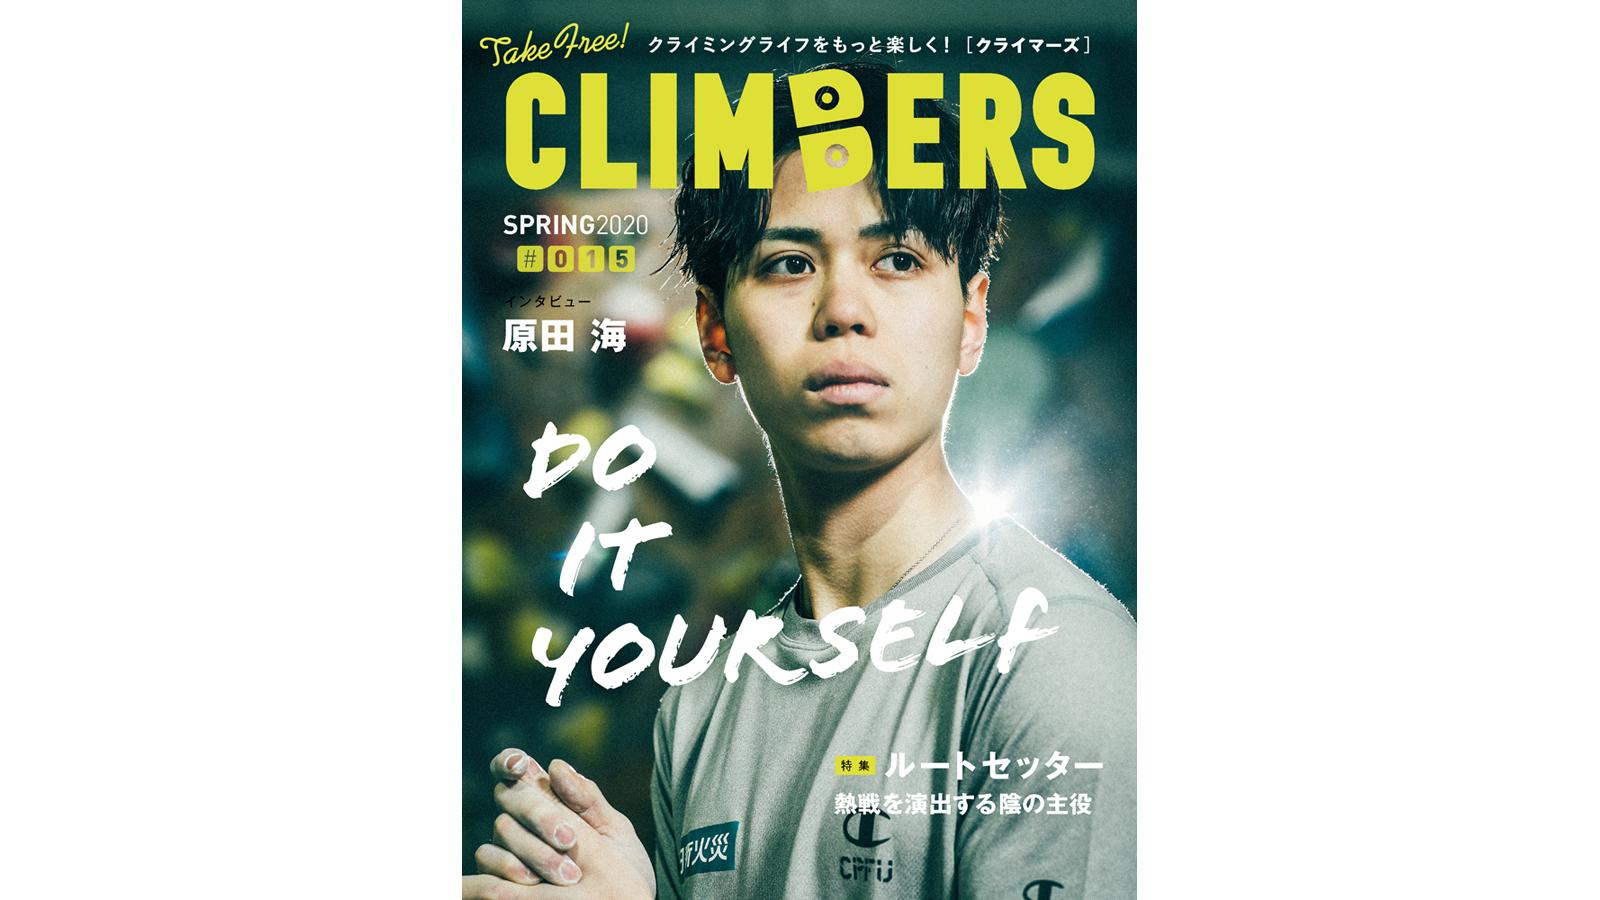 【メディア掲載】株式会社ソル・メディア「CLIMBERS 第15号」で紹介されました。